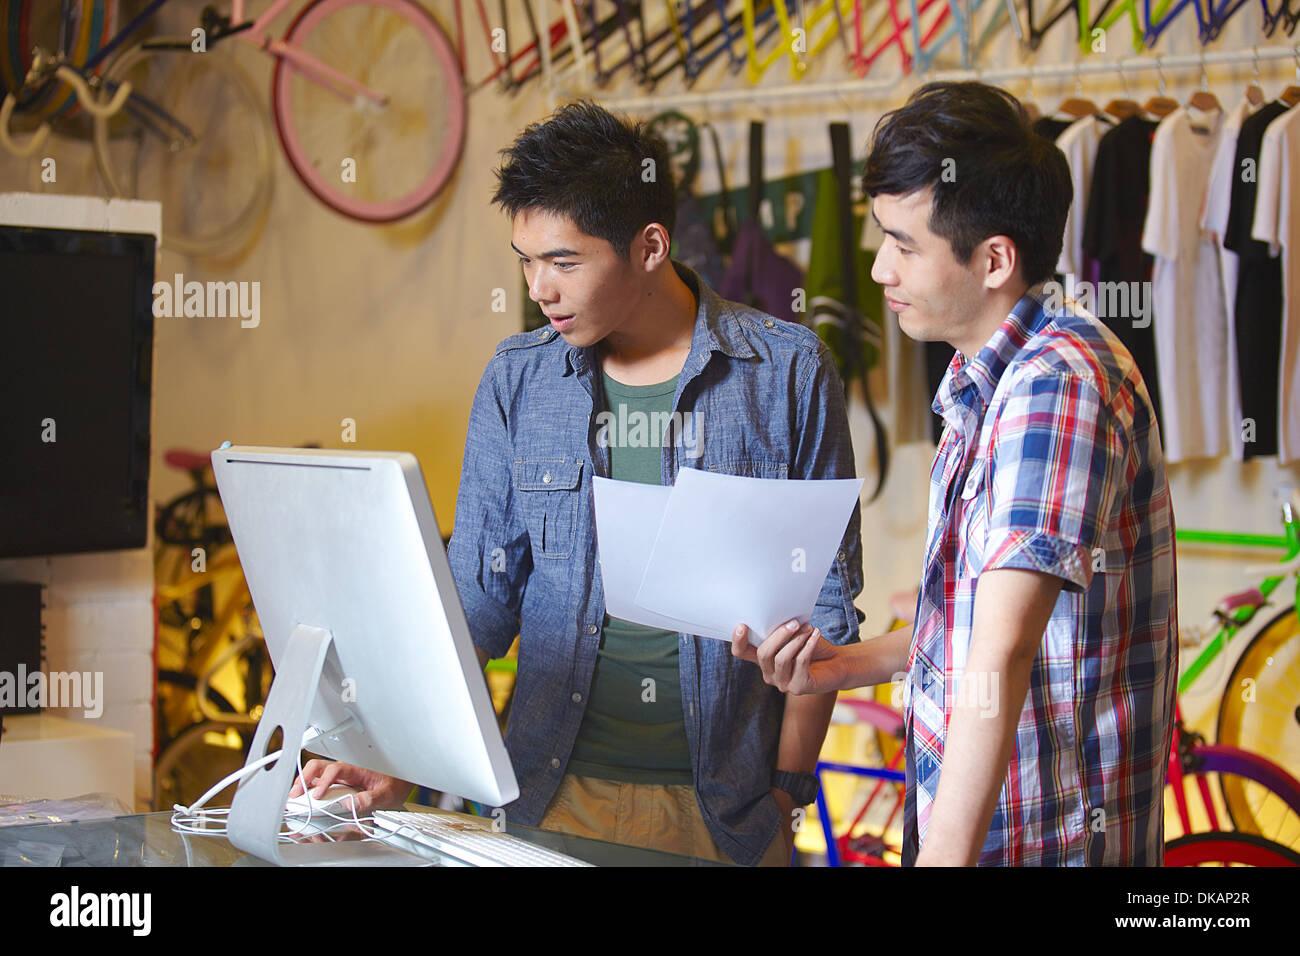 Deux jeunes hommes à bike shop à l'aide d'ordinateur Photo Stock